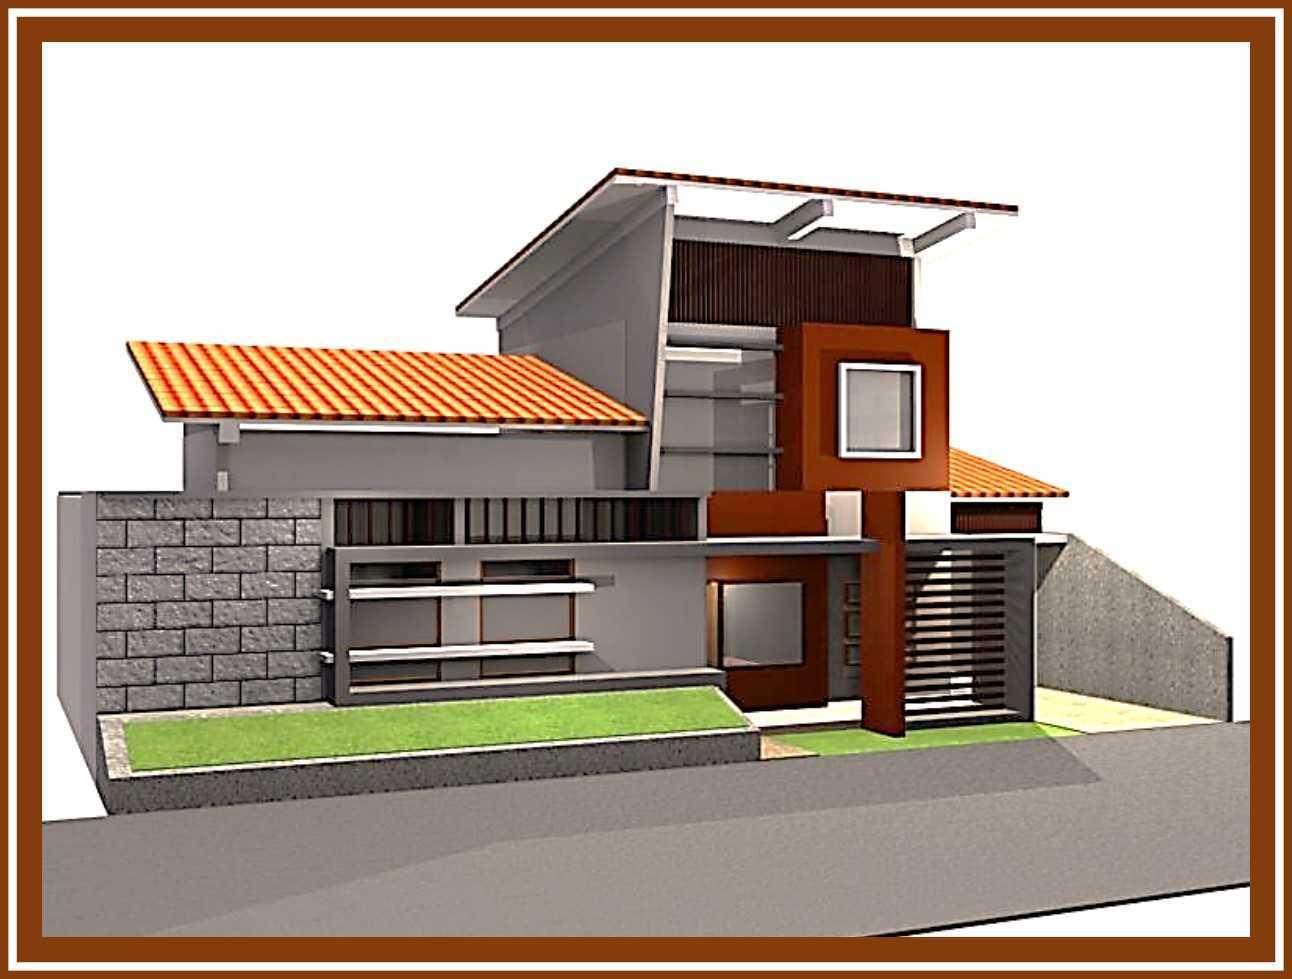 Ideall Design Renovasi Rumah Mezzanine Kec. Pondokgede, Kota Bks, Jawa Barat, Indonesia Kec. Pondokgede, Kota Bks, Jawa Barat, Indonesia Ideall-Design-When-A-Design-Idea-Becomes-Ideal-Design-For-All-Renovasi-Rumah-Mezzanine  114407